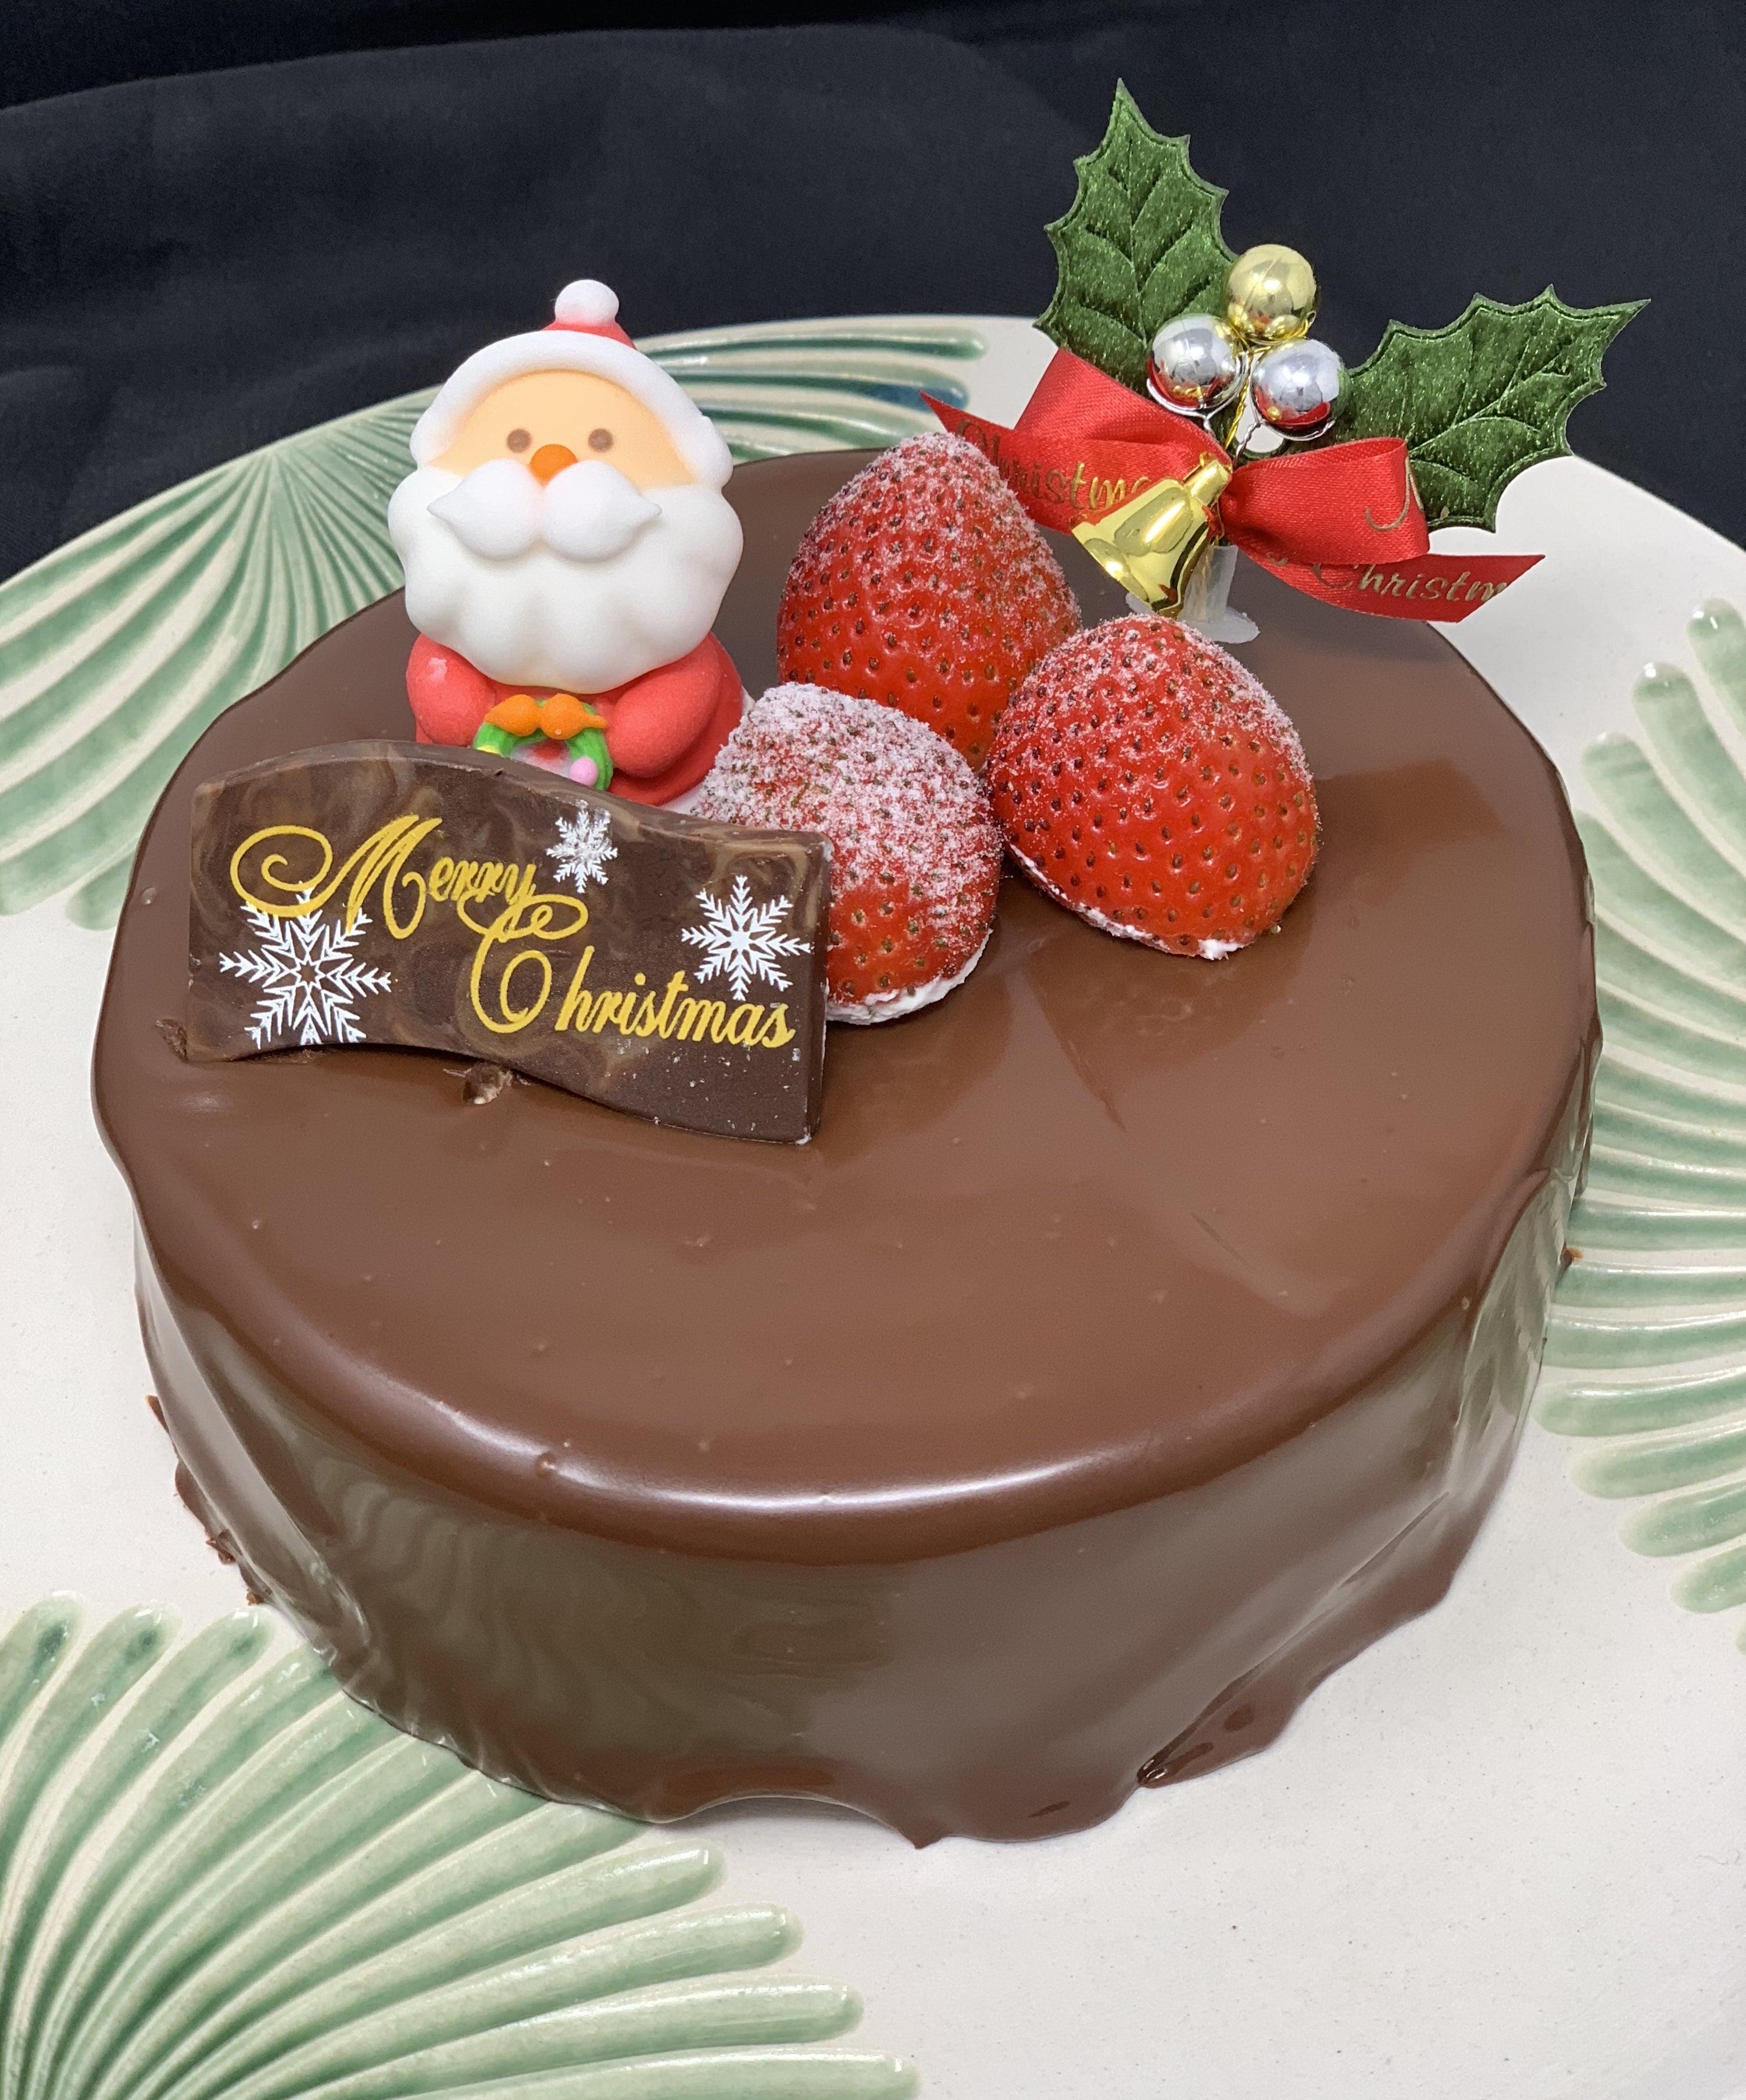 【店頭受け取り専用】チョコと木苺のクリスマスケーキ5号(4人から6人用)のイメージその1